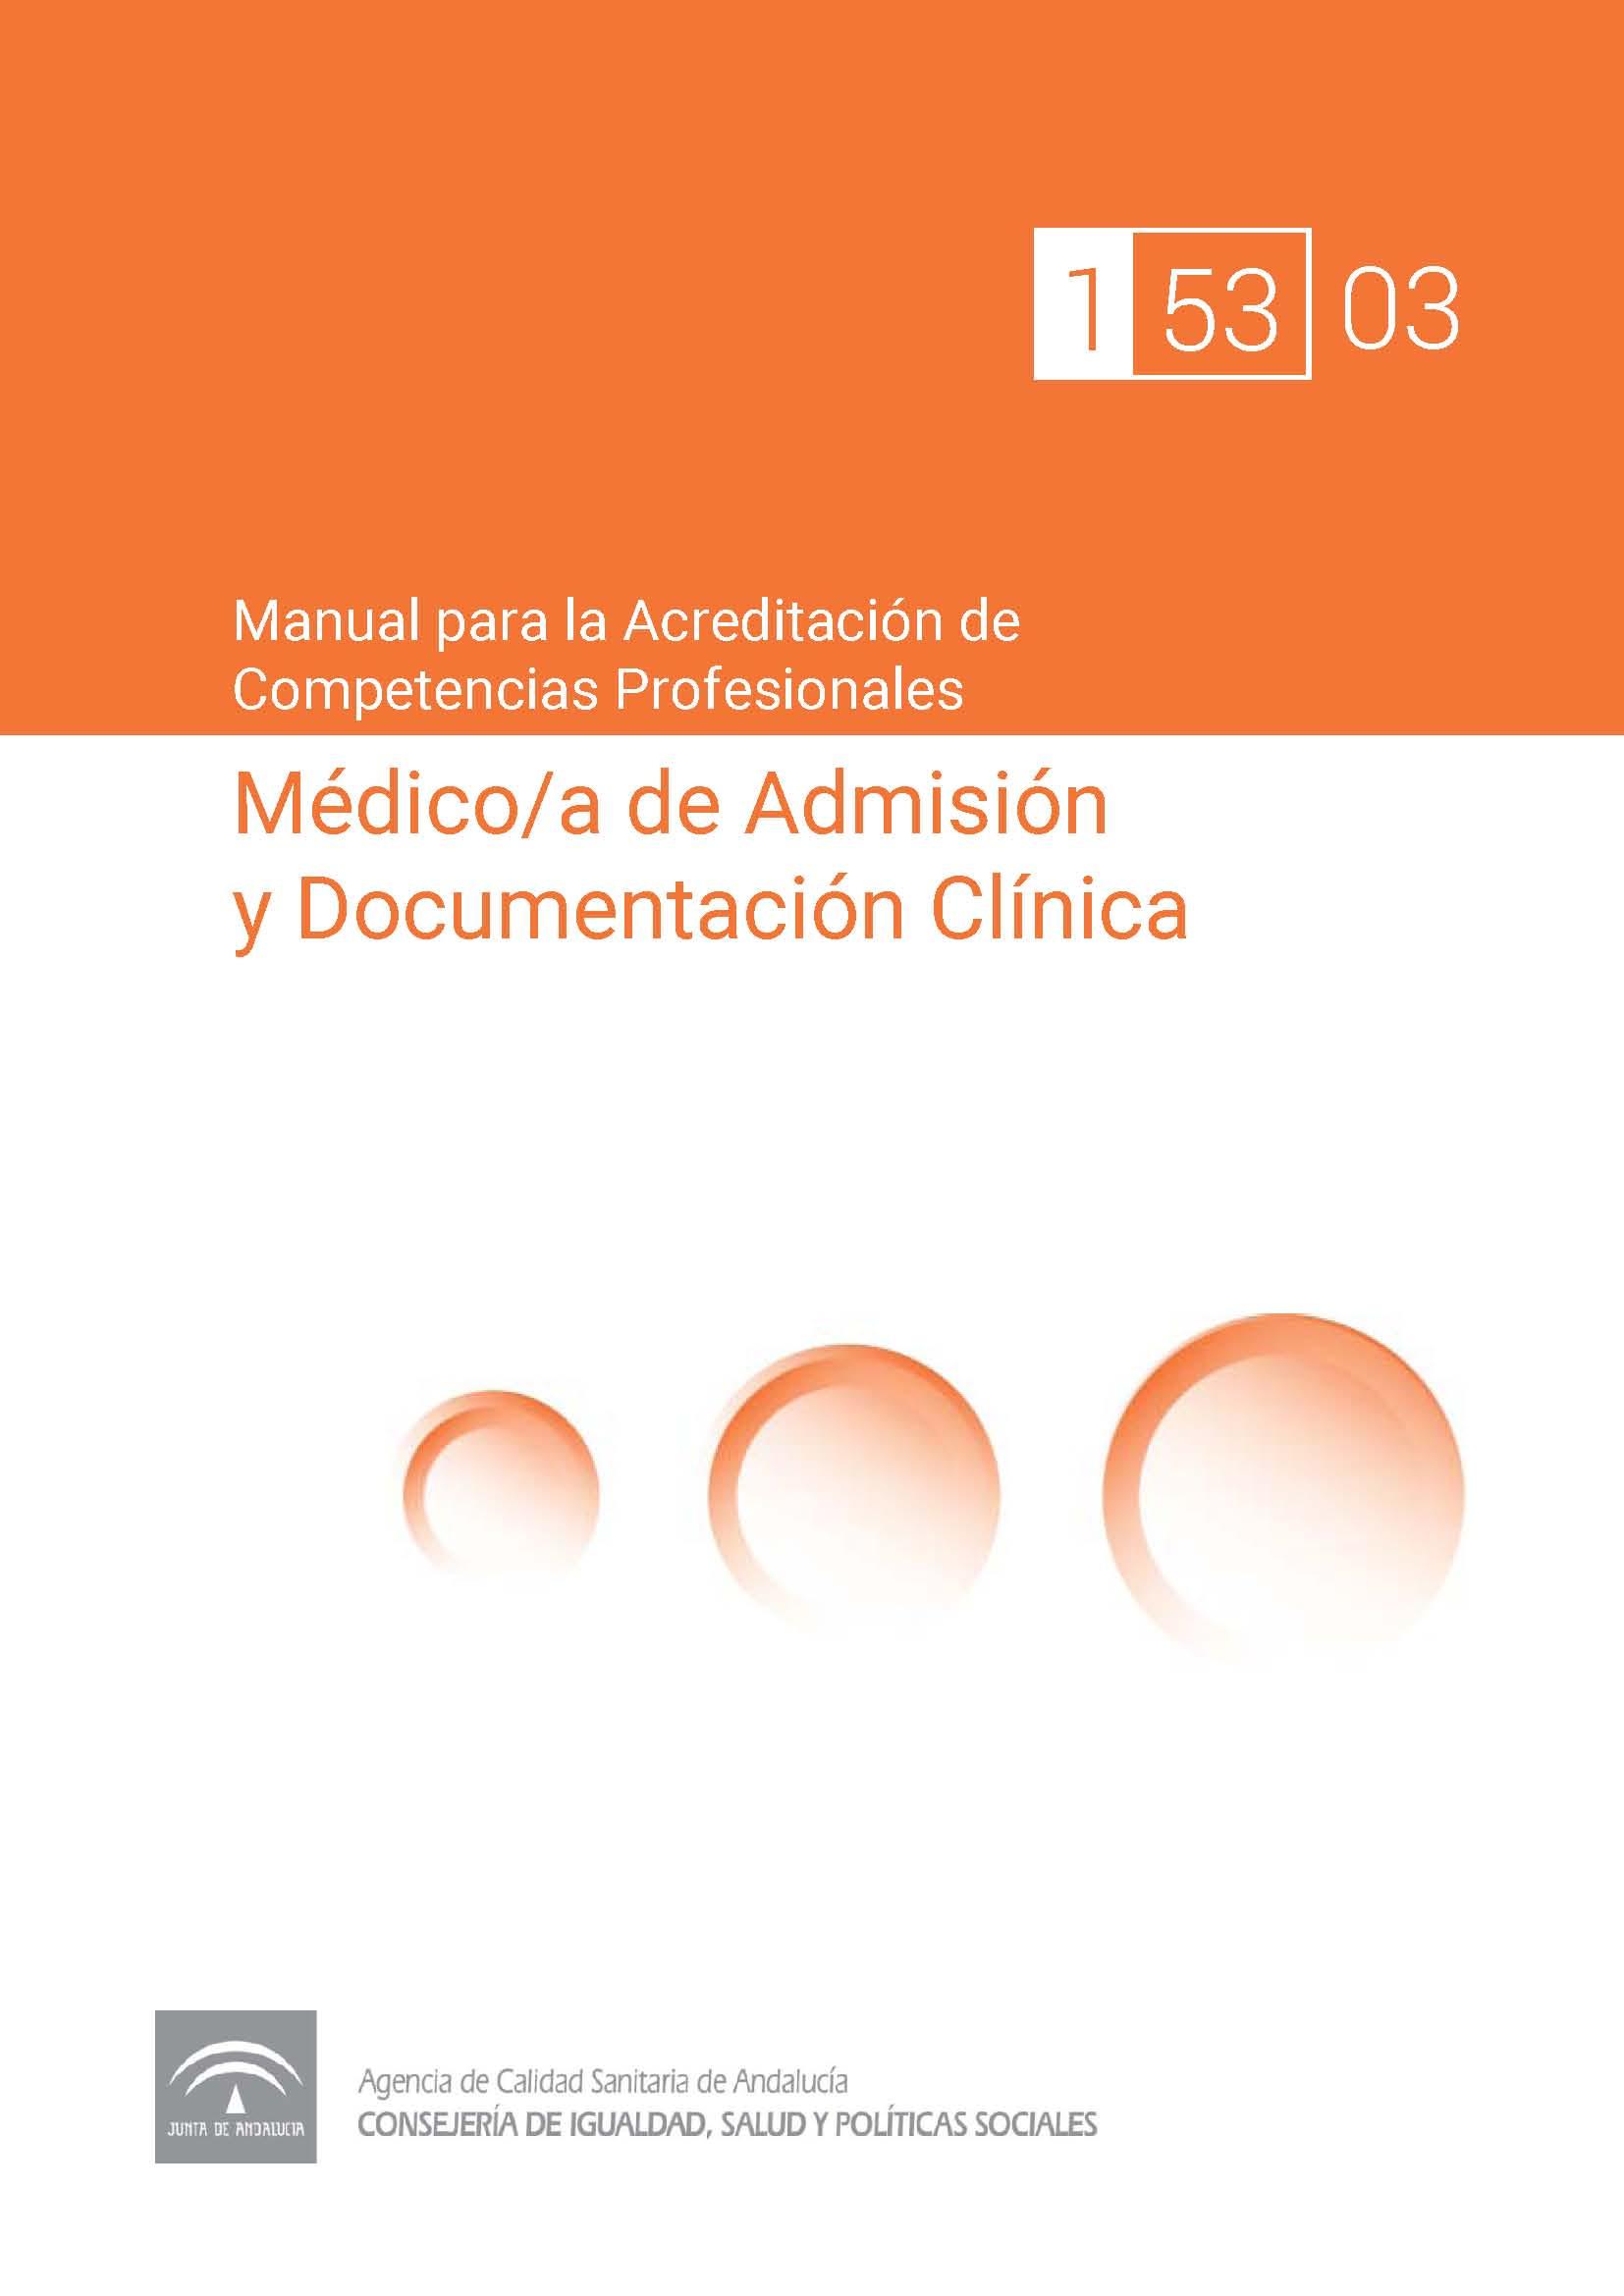 Manual de competencias profesionales del/de la Médico/a de Admisión y Documentación Clínica